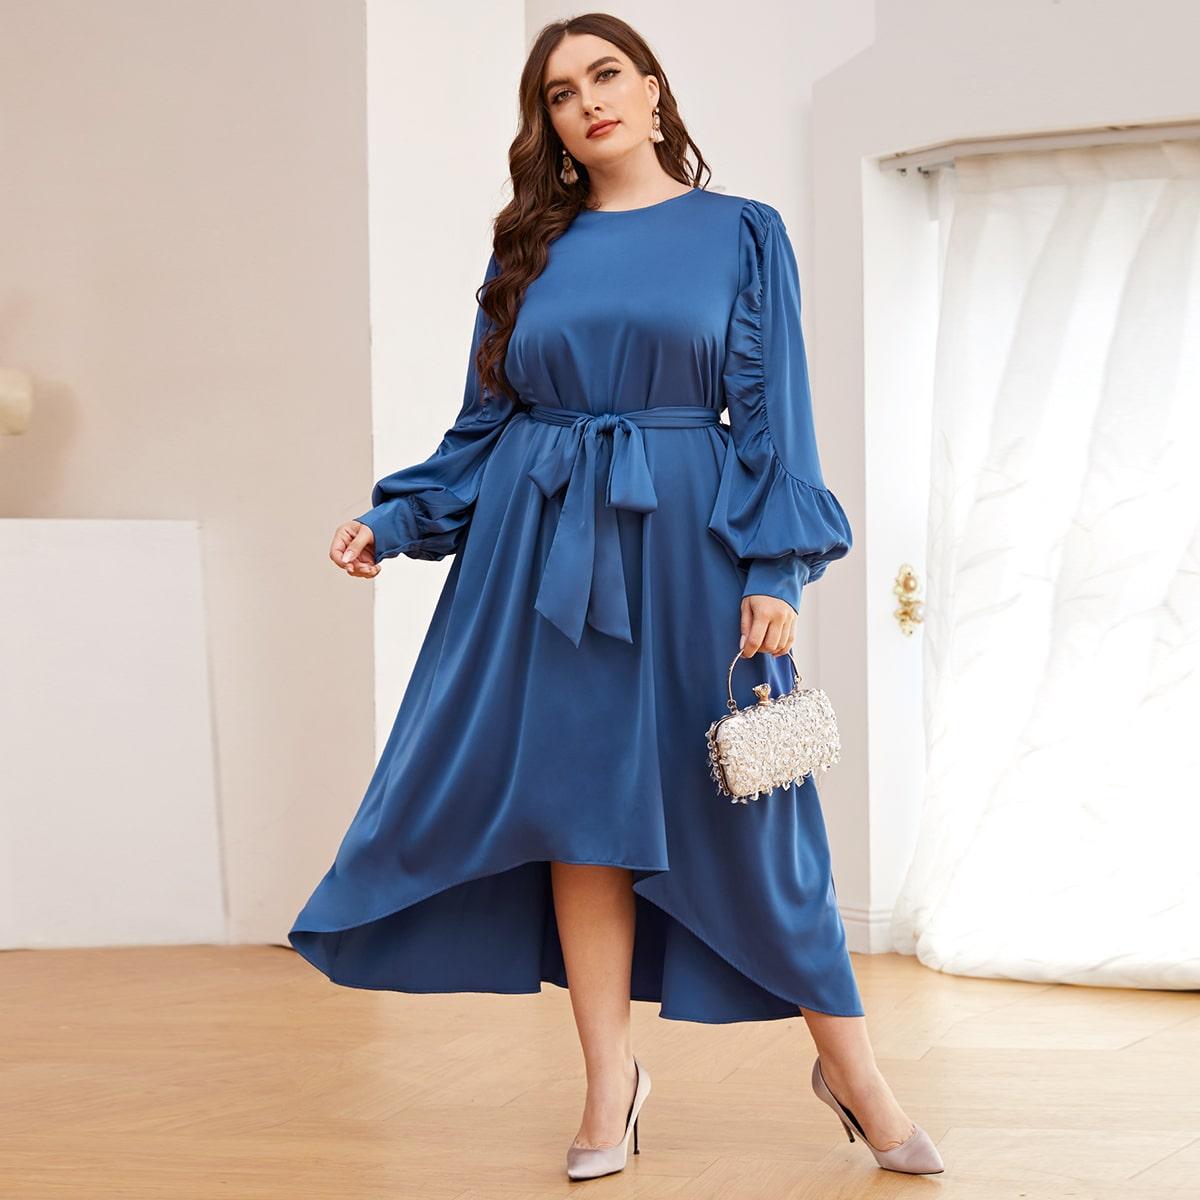 Асимметричное платье размера плюс с поясом и рукавами фонариками